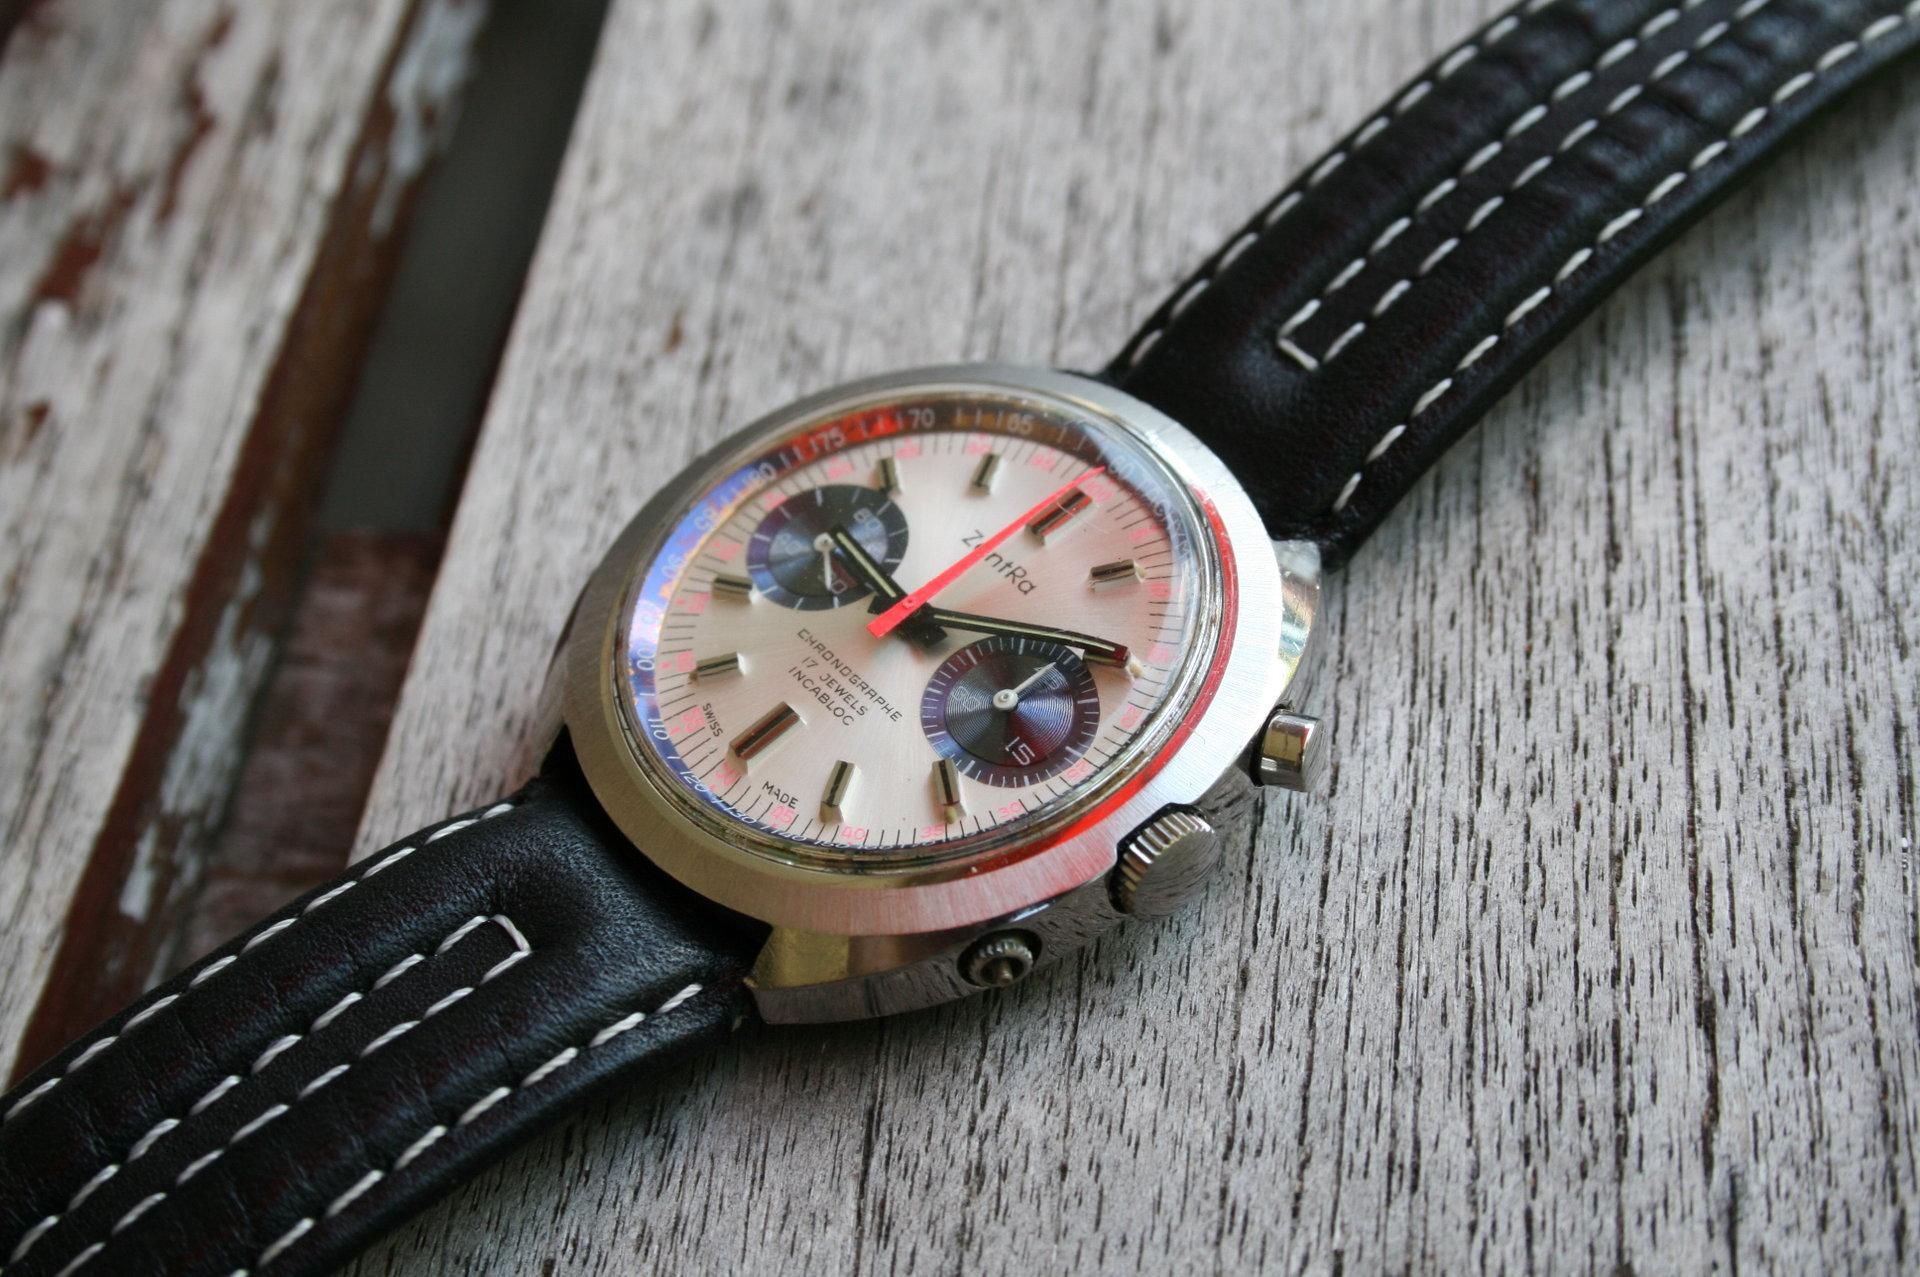 Welche Uhr en komm t en als nächste UhrForum Seite 431